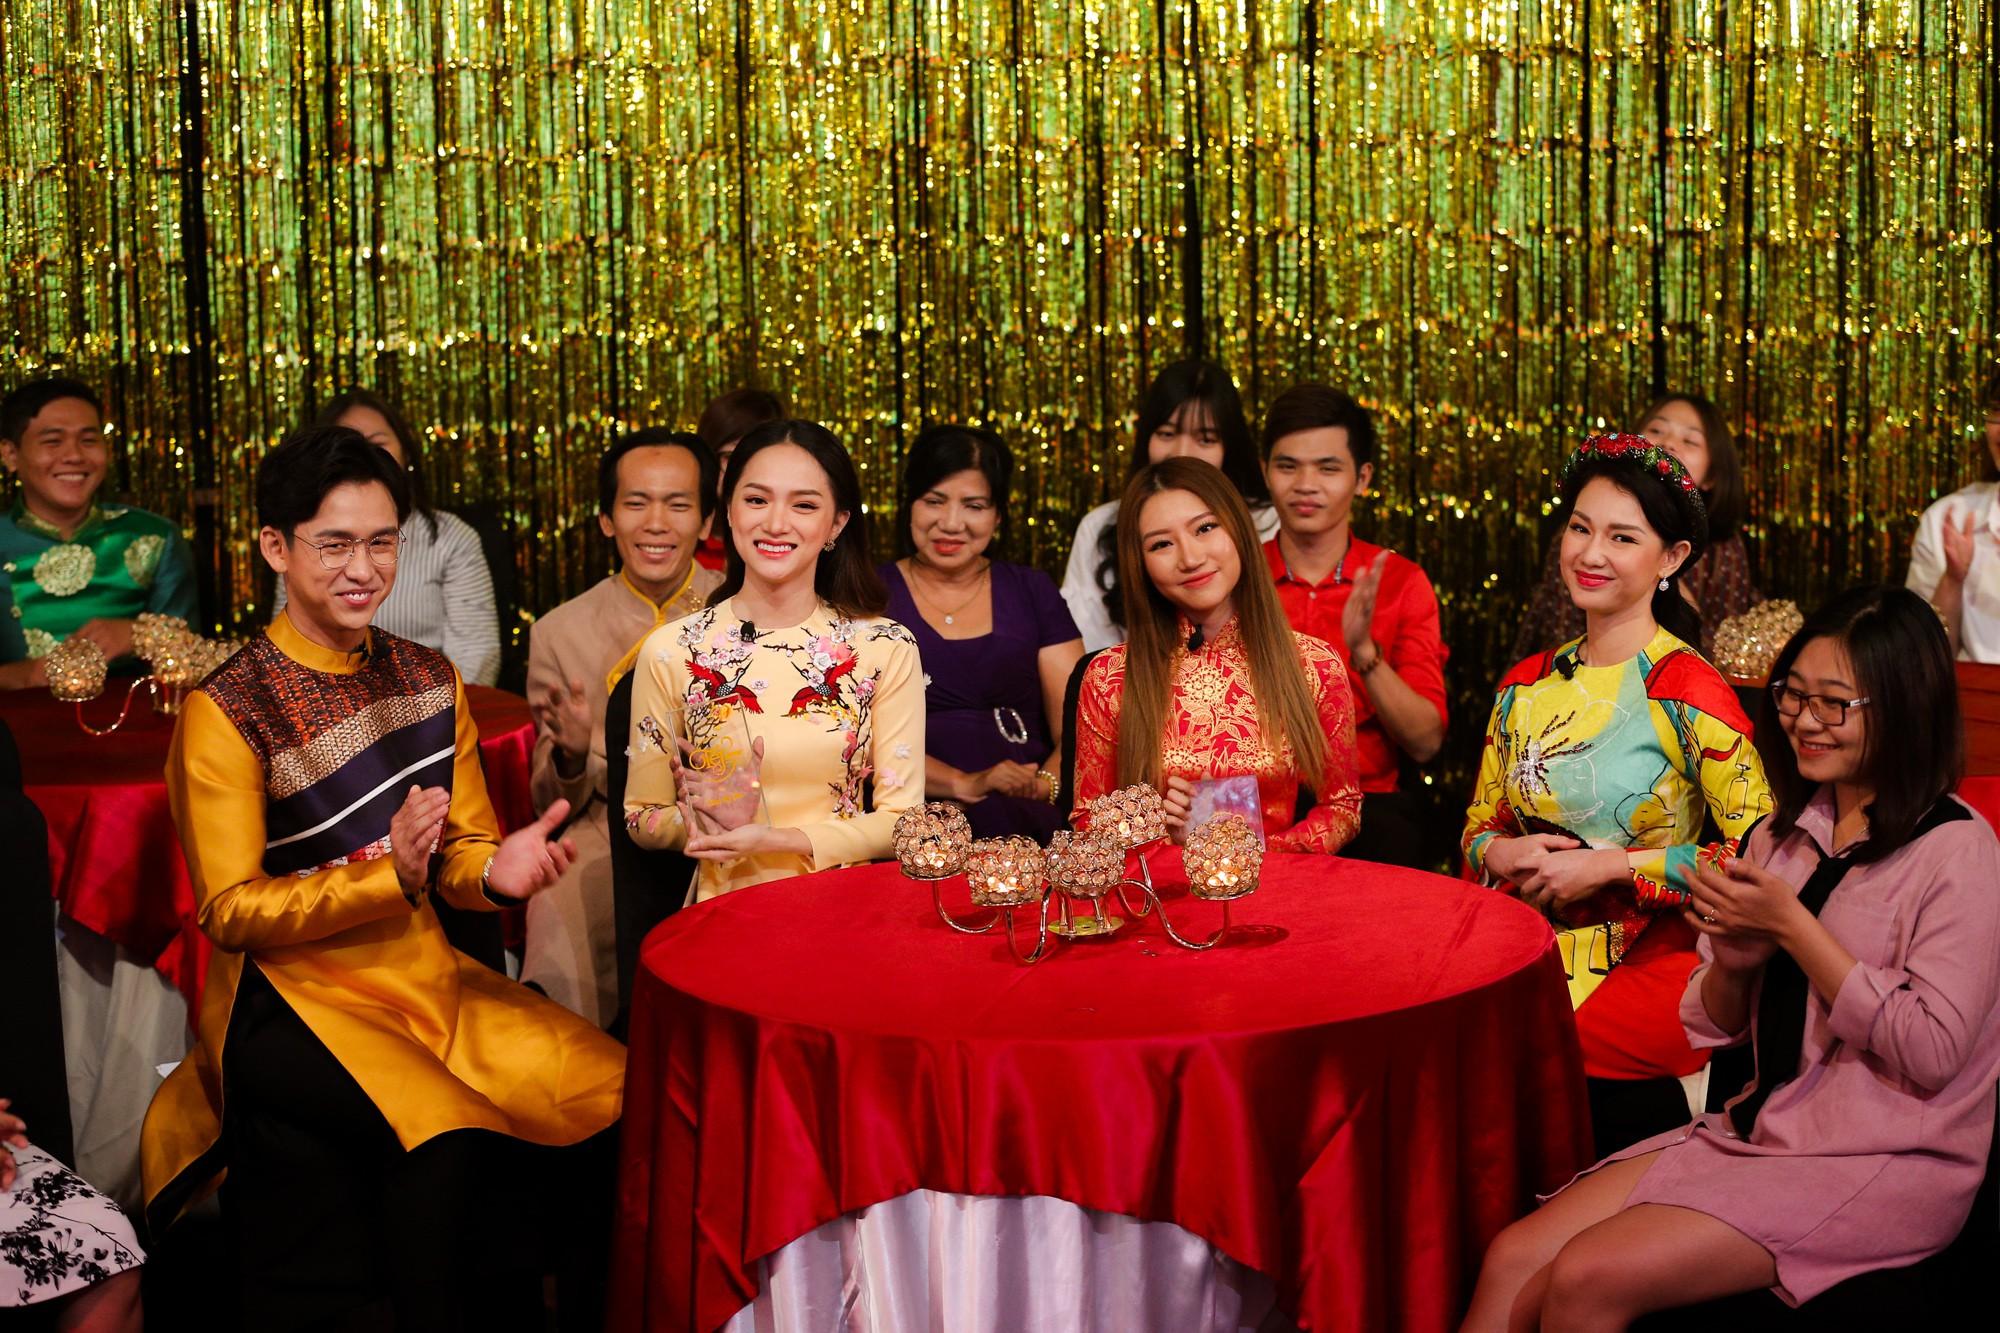 Hồ Ngọc Hà, Noo Phước Thịnh cùng hơn 30 nghệ sĩ Vpop đồng loạt quy tụ trong chương trình nhạc Xuân rộn ràng - Ảnh 16.